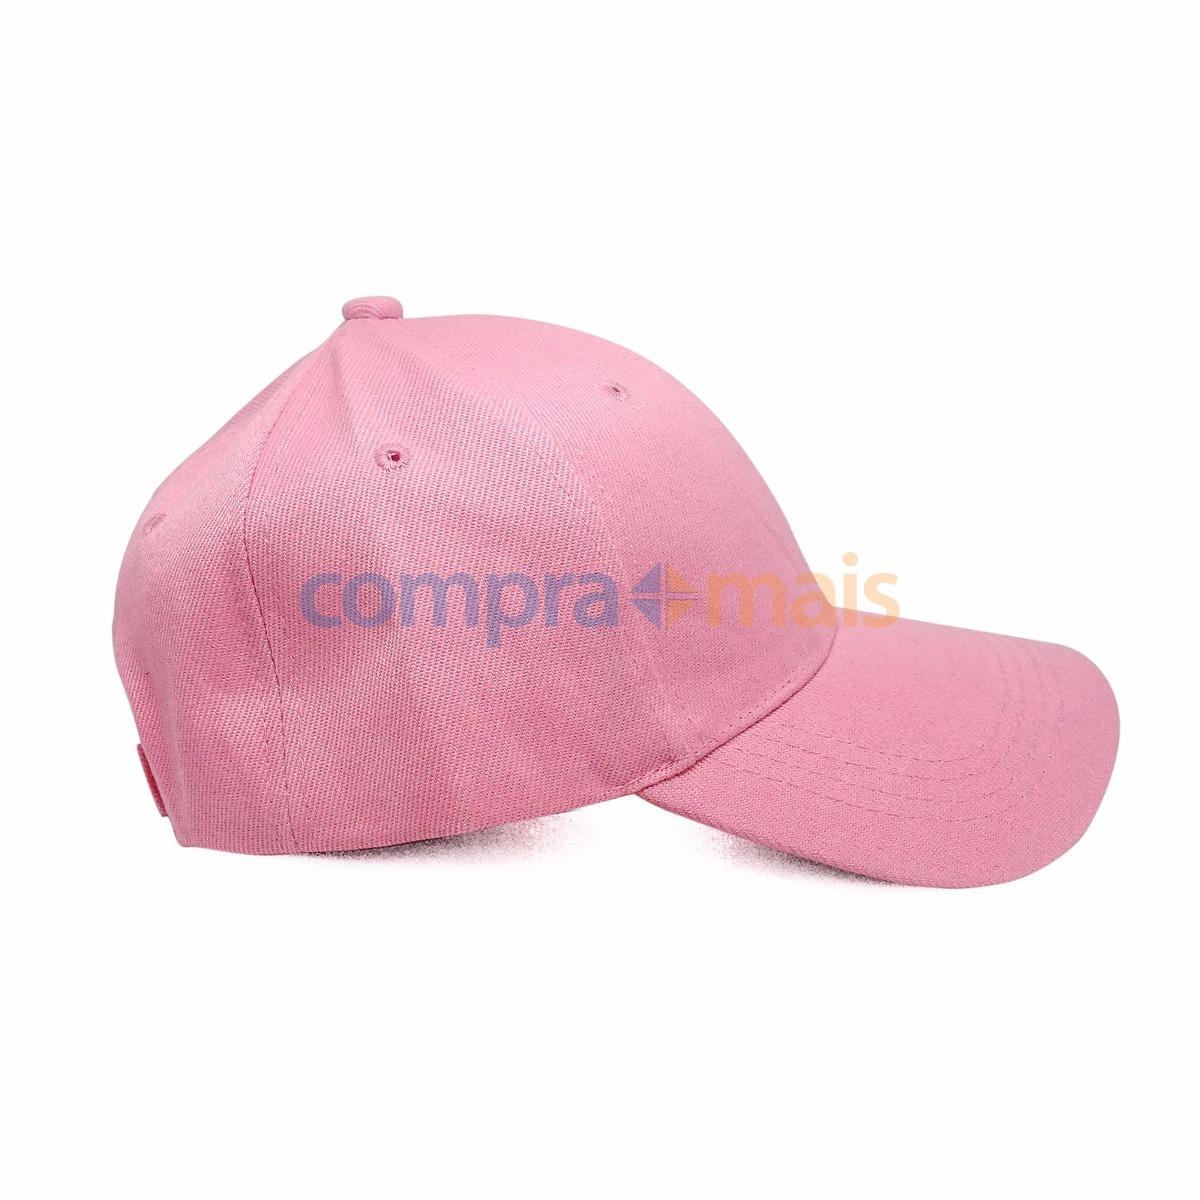 Boné Rosa Liso Aba Curva Aba Reta 2c48c6b7587